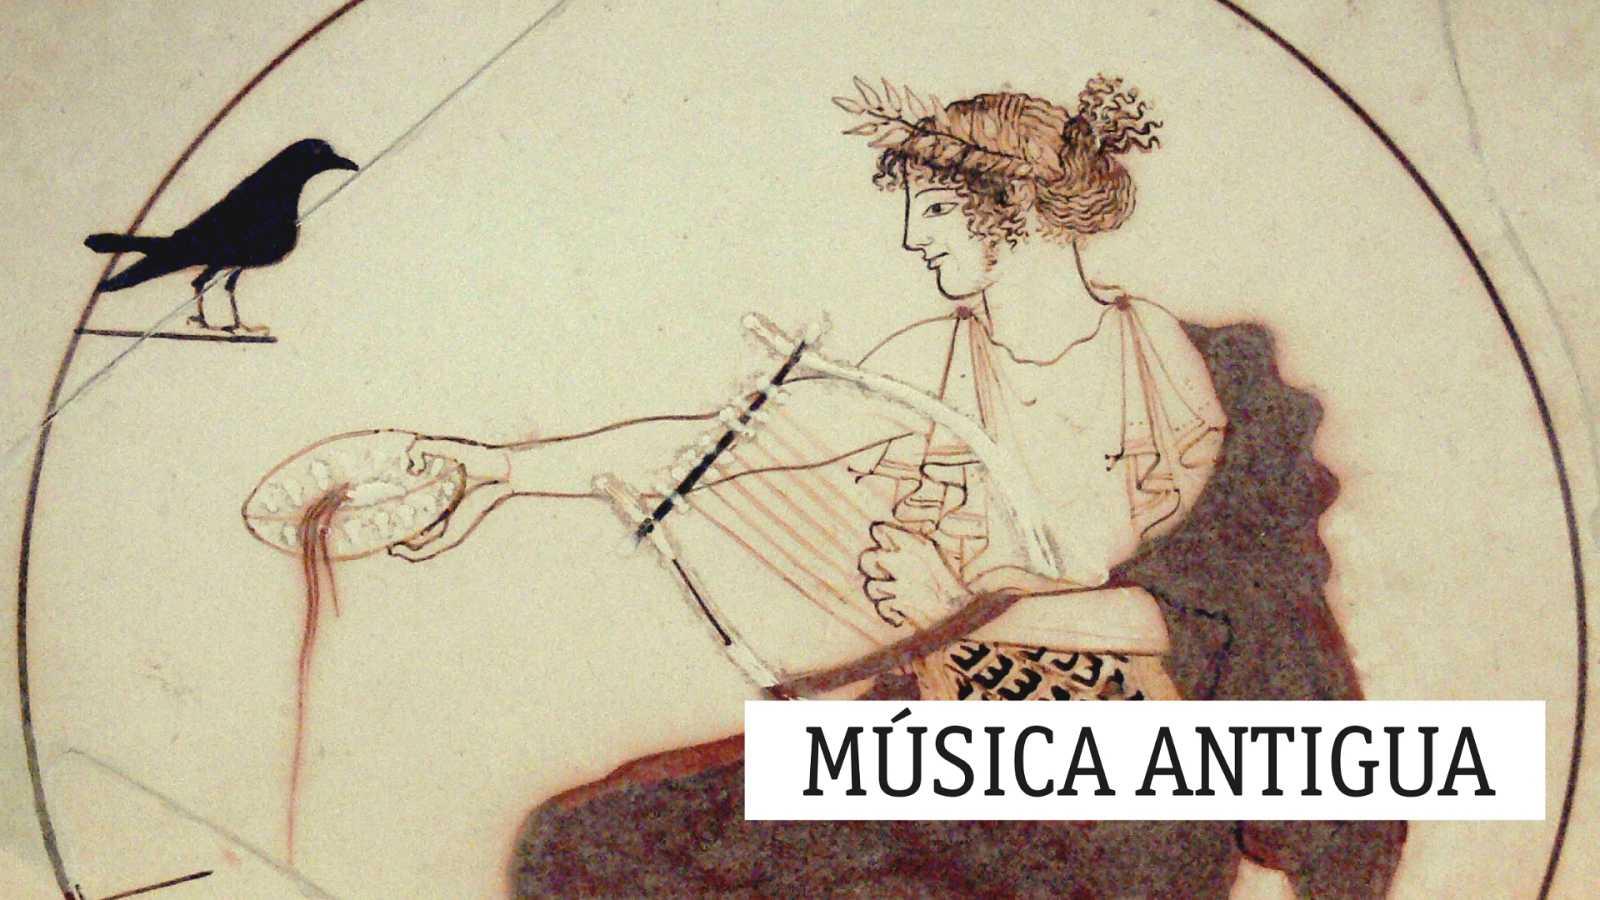 Música antigua - Los olvidados ( y II) - 27/04/21 - escuchar ahora